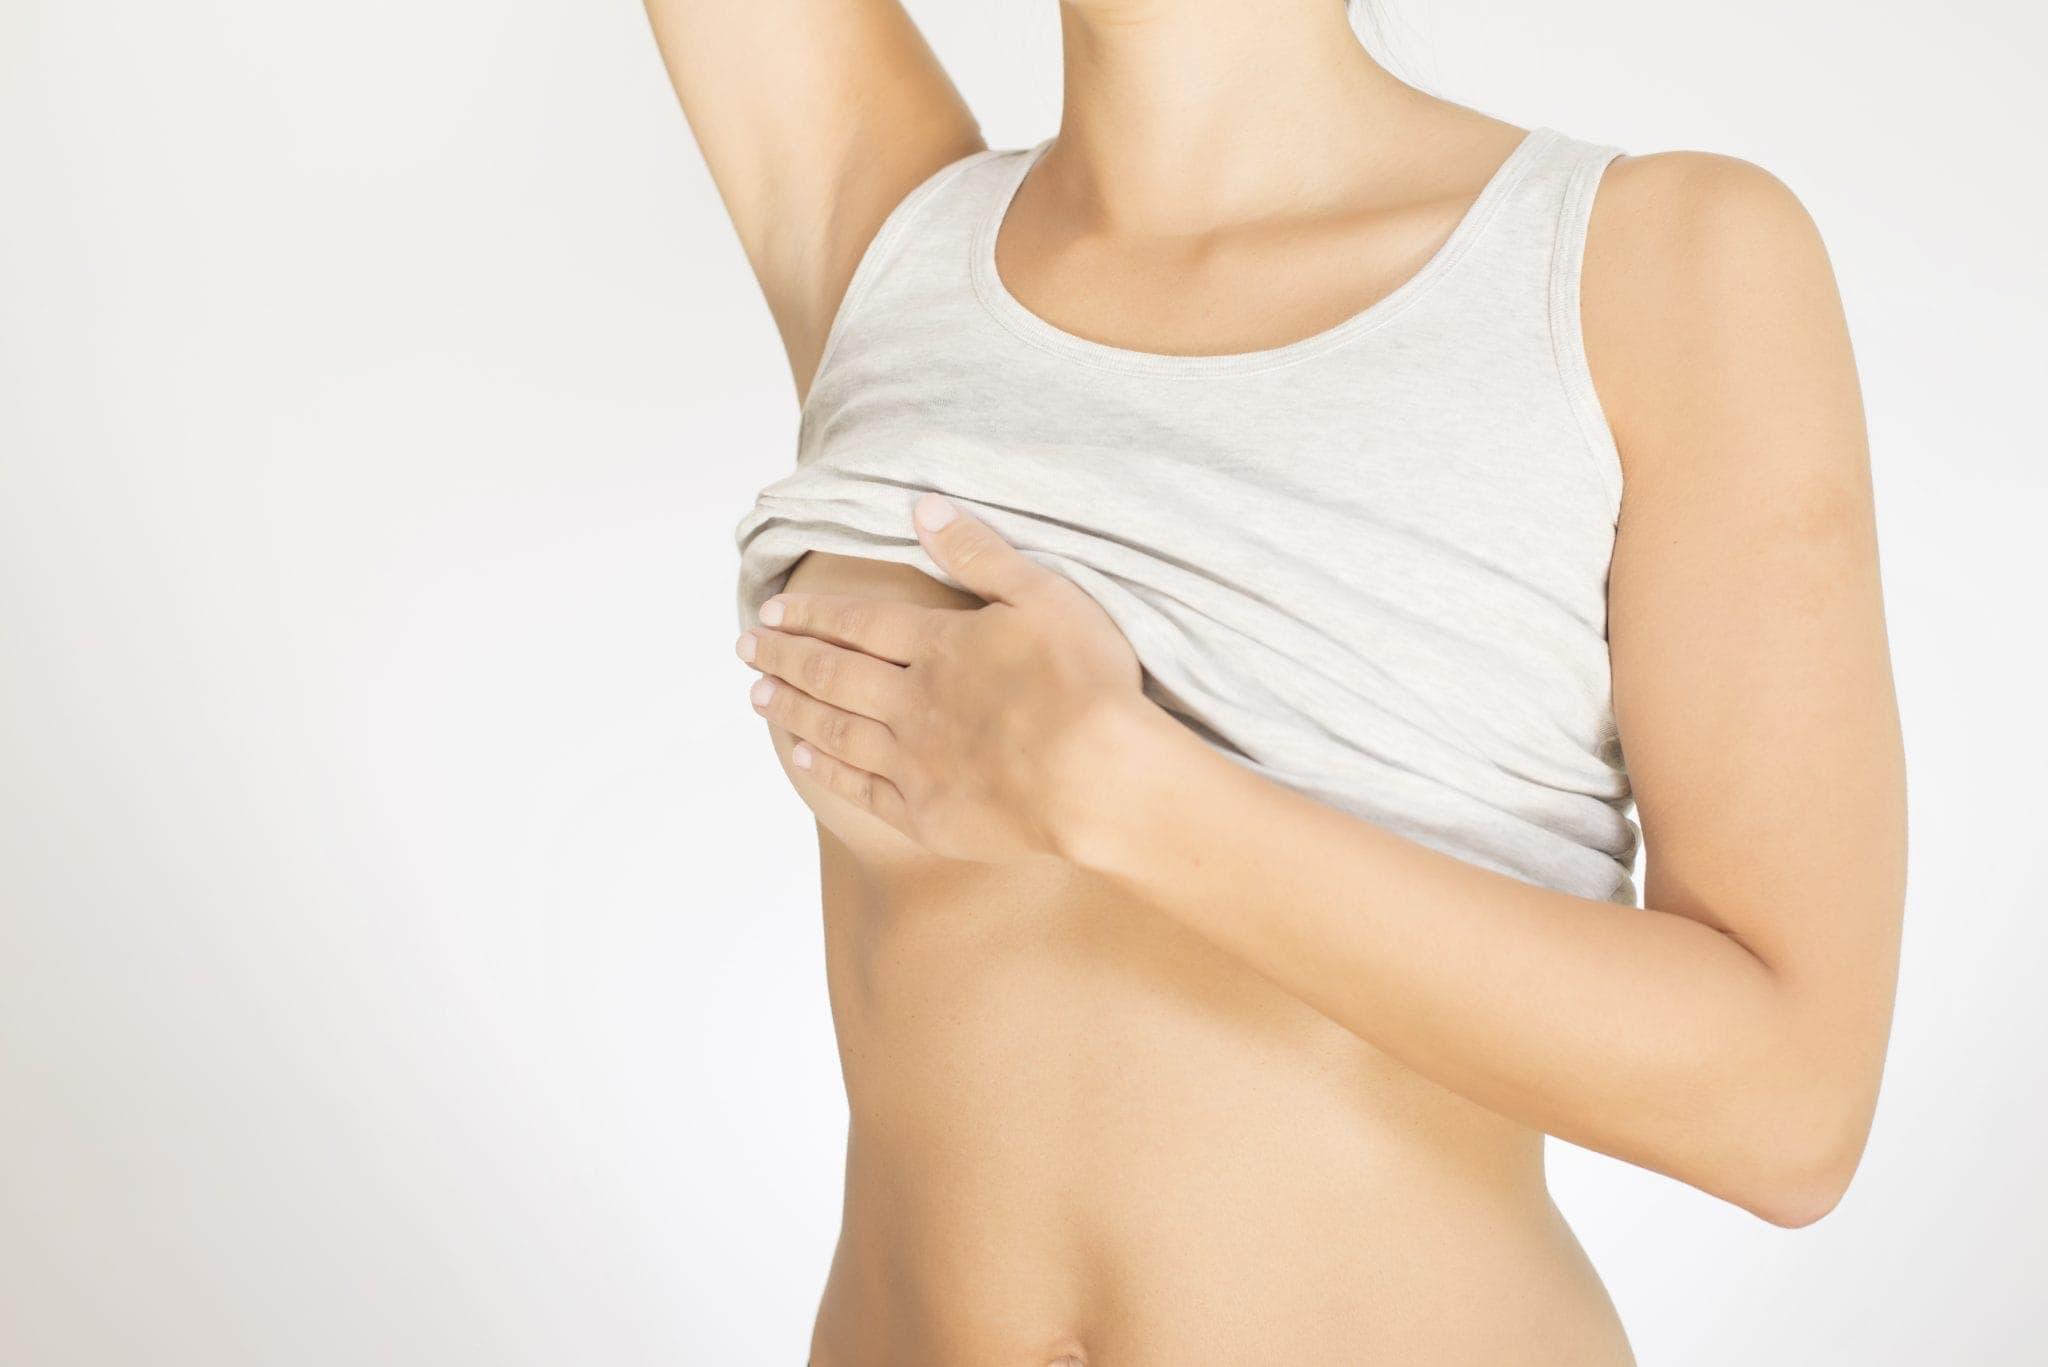 обнаружение дисплазии в груди